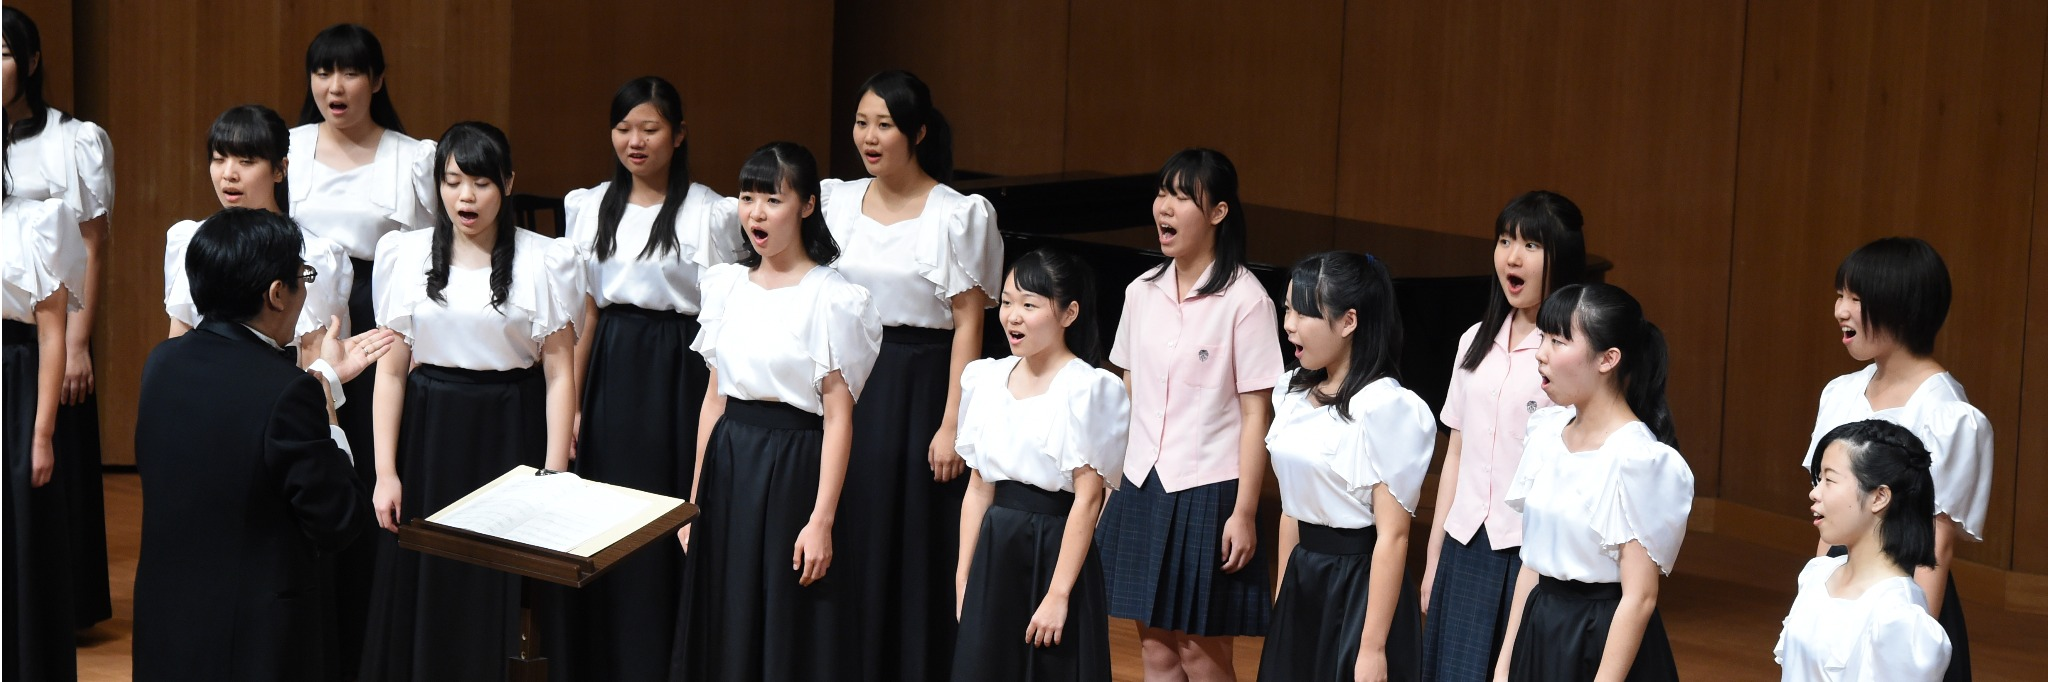 音楽科 - 学校法人桜丘学園[愛知...